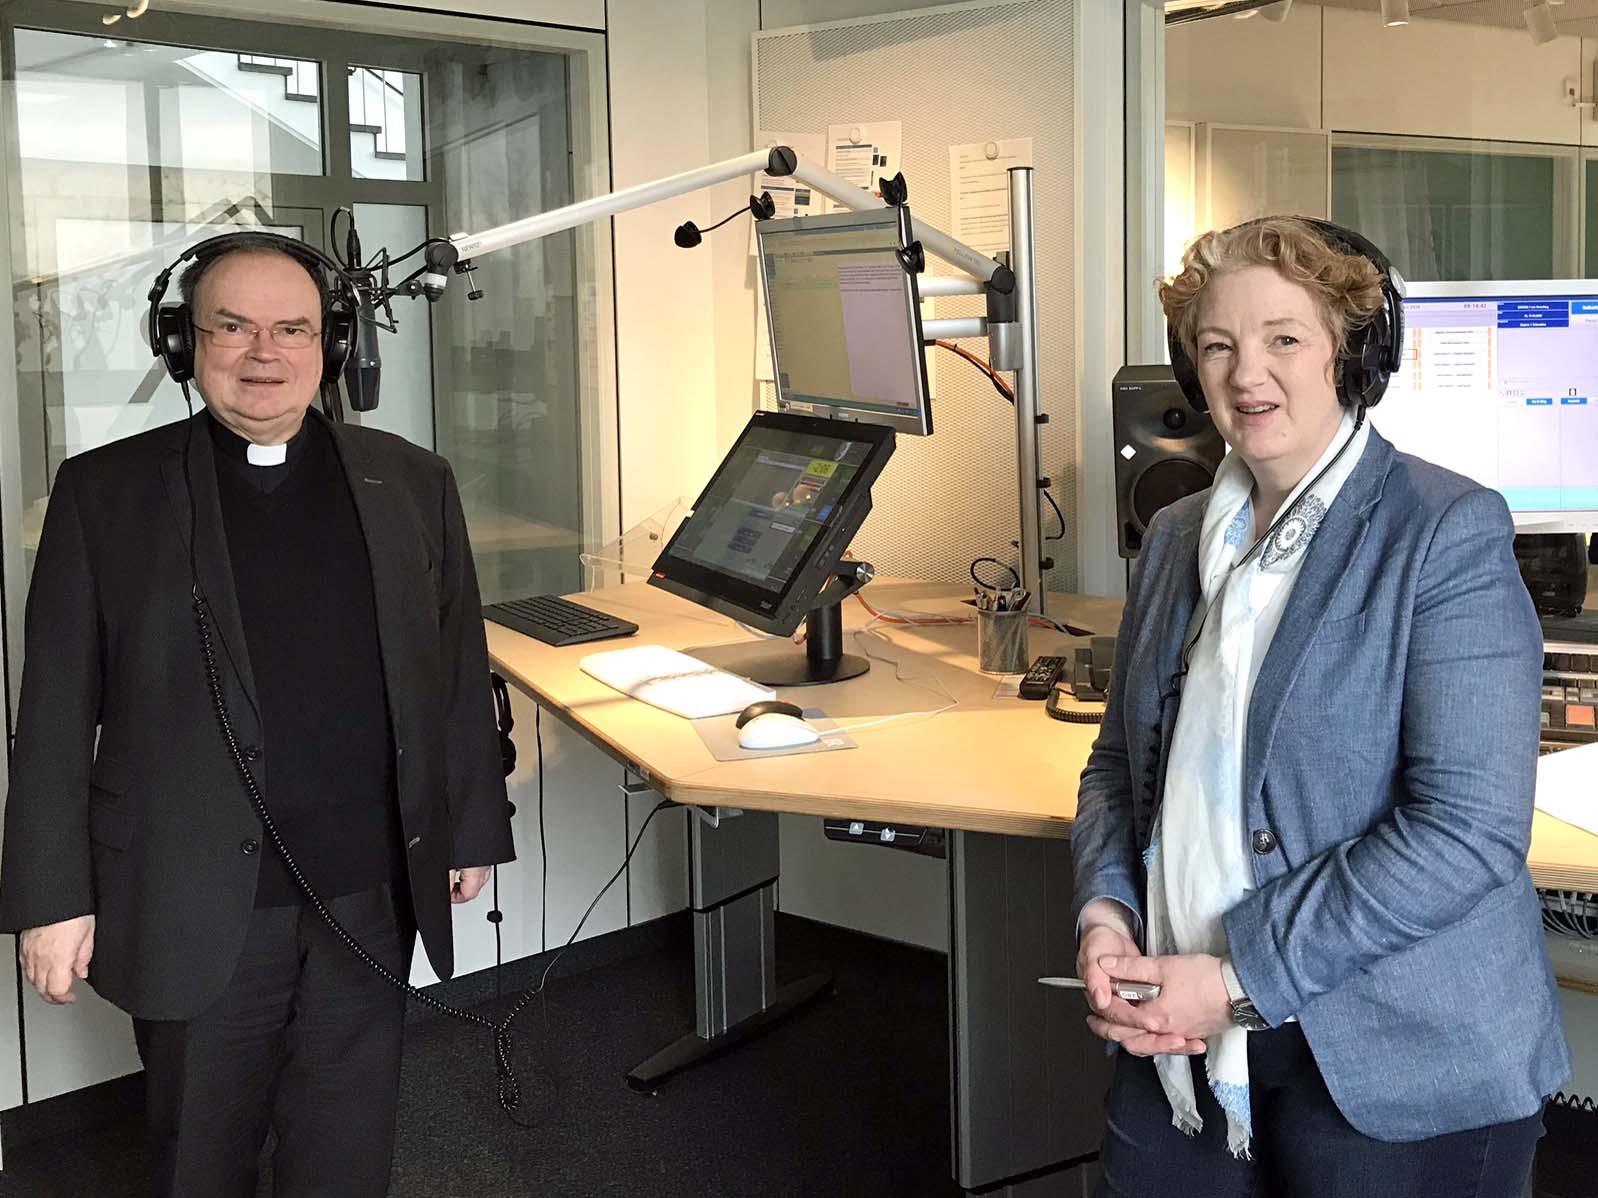 Der ernannte Bischof Dr. Bertram Meier zu Gast bei Mittags in Schwaben (Foto: Karl-Georg Michel)